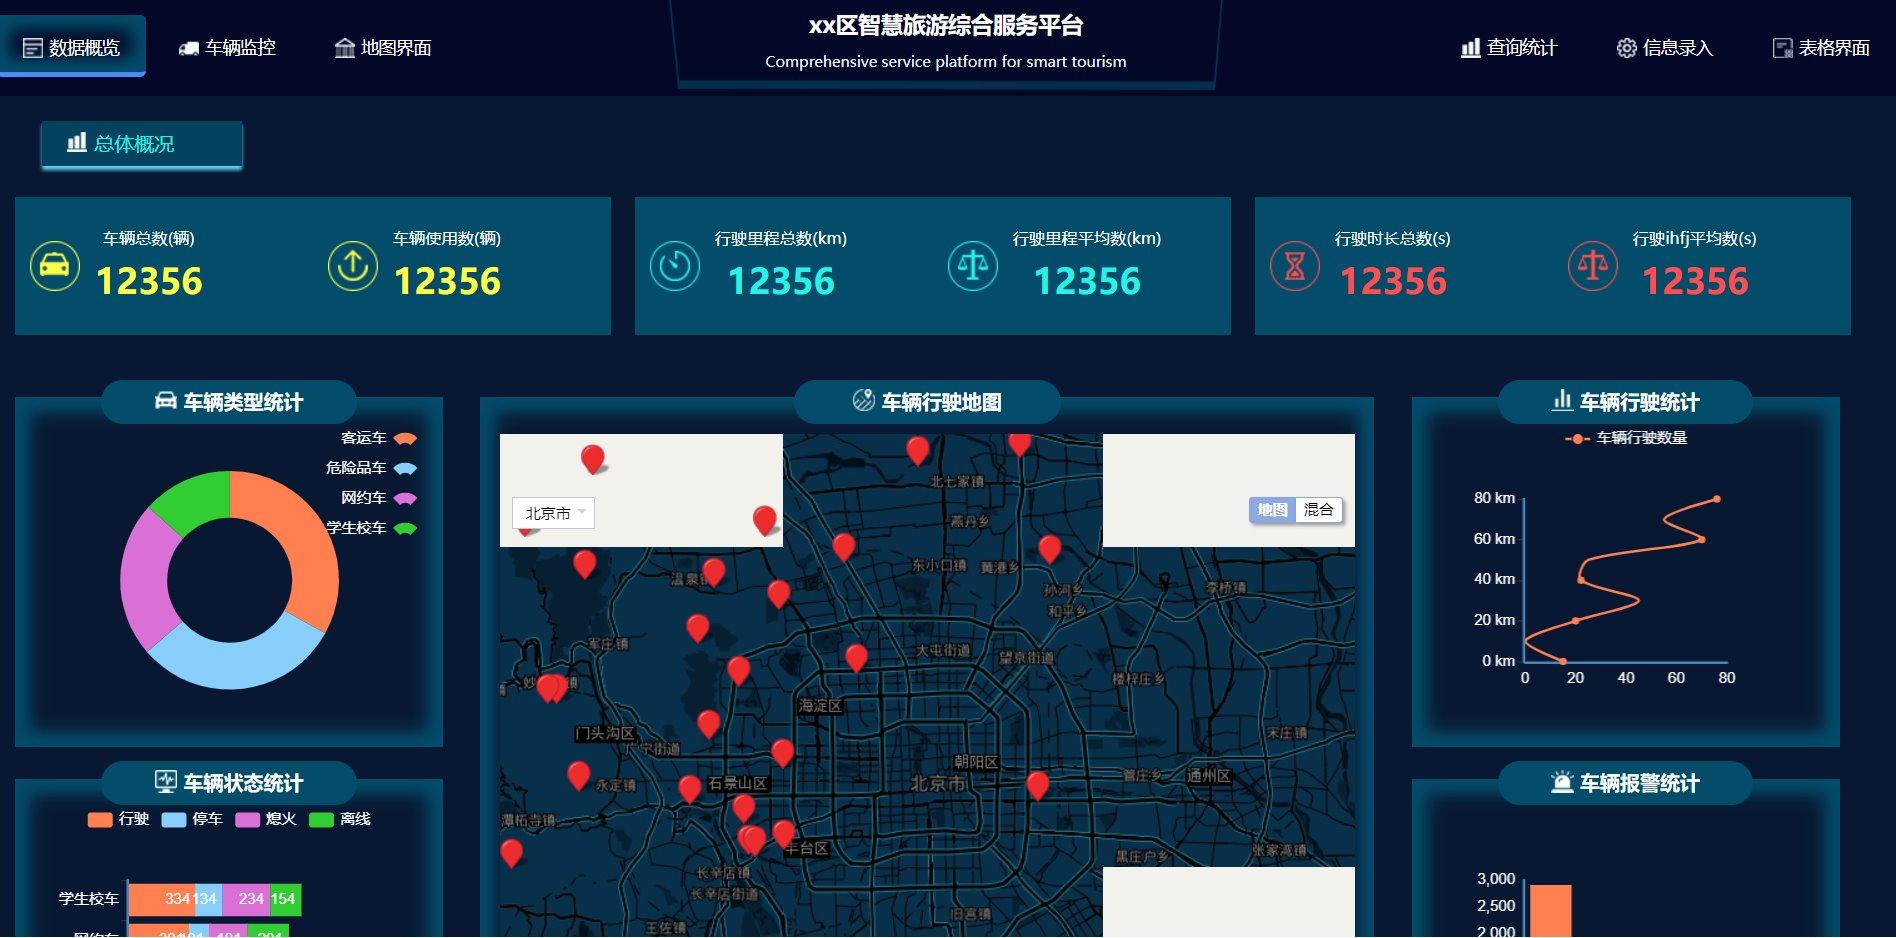 智慧旅游综合服务平台智慧交通云平台智慧监控管理平台定制<hl>开发</hl>